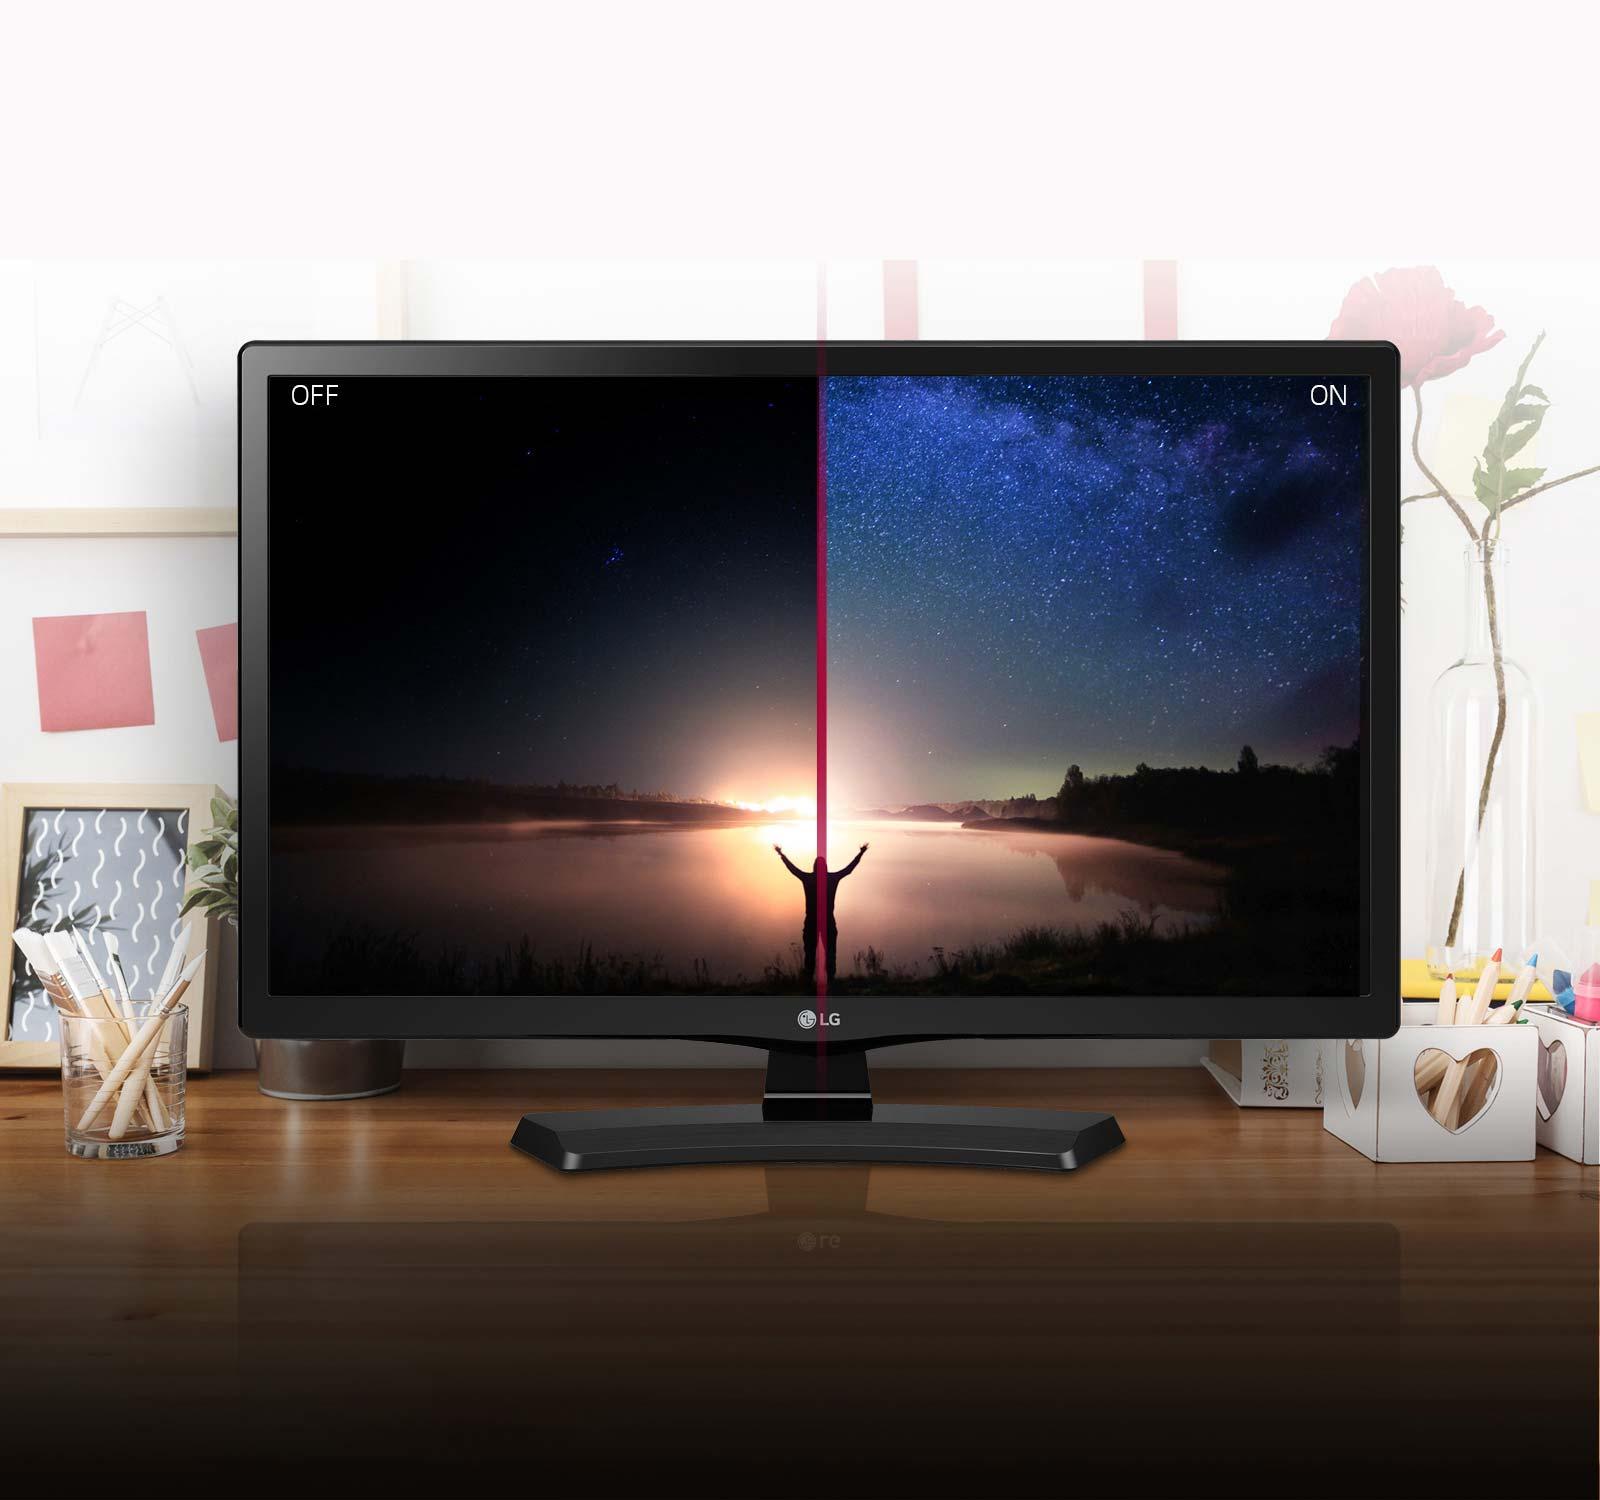 تلویزیون 28 اینچ اچ دی ال جی مدل LG TV HD 28MT48